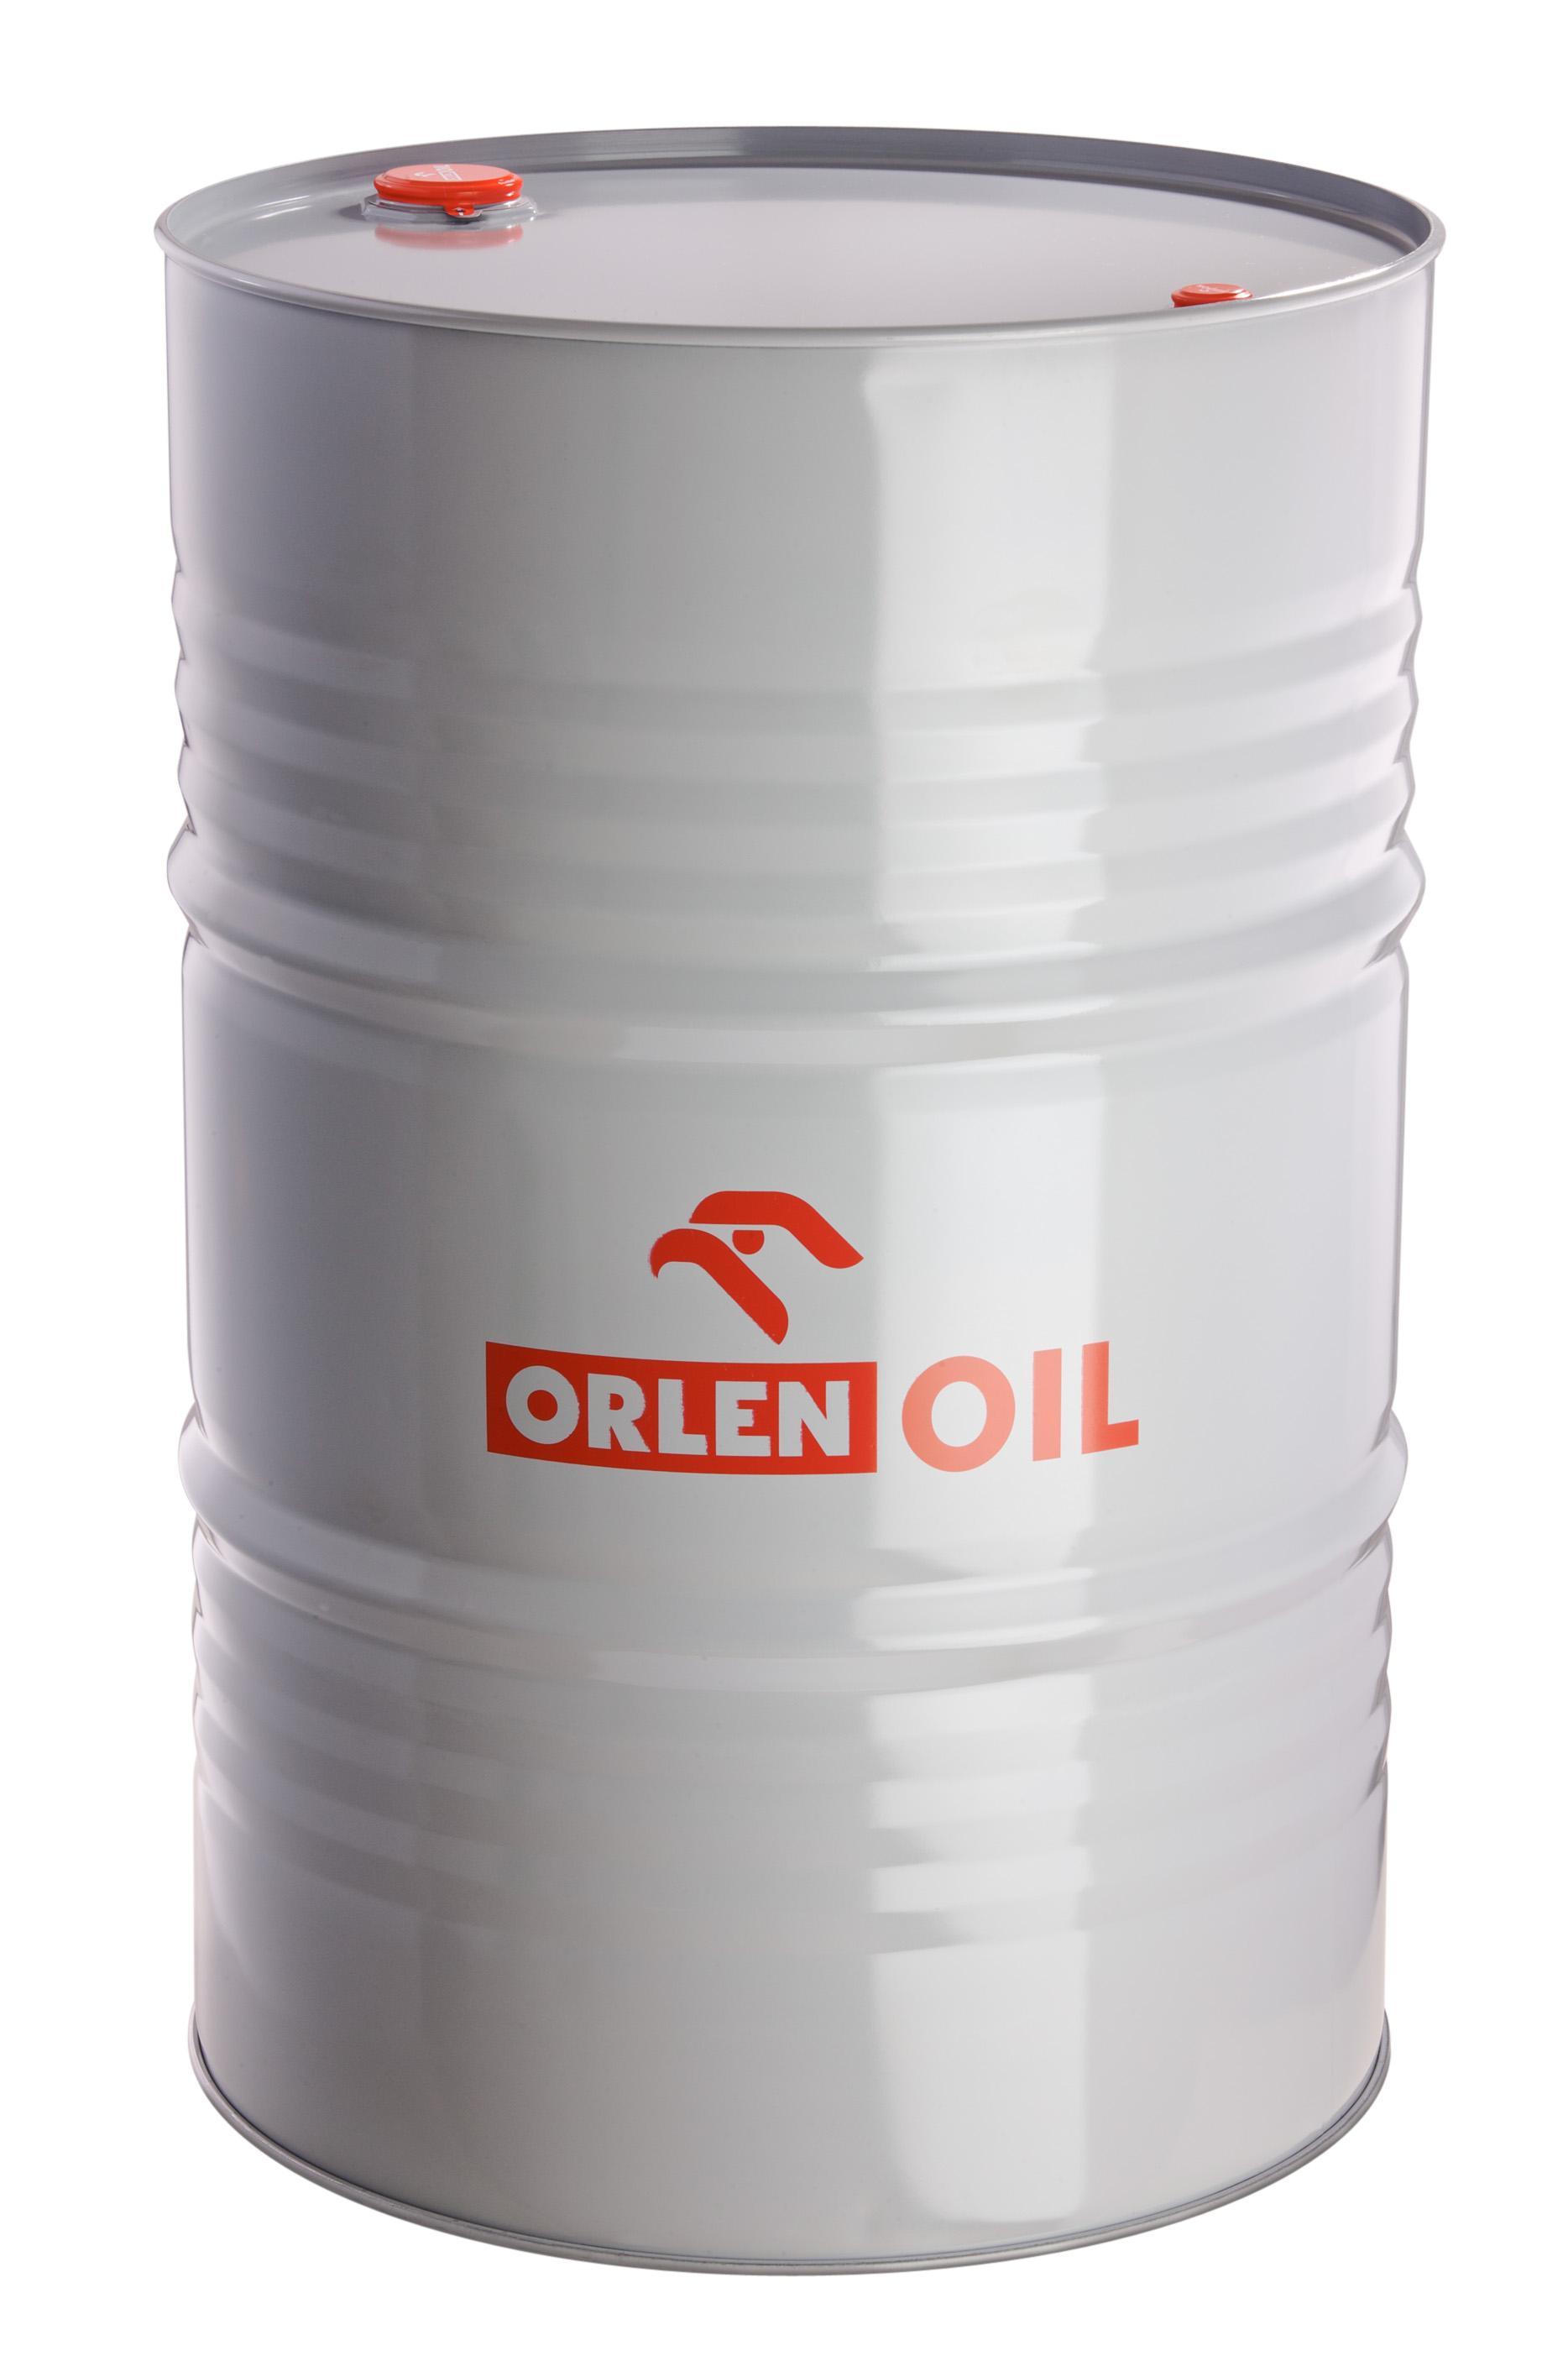 ORLEN OIL LITEN ŁT-41     DRUMS 180kg